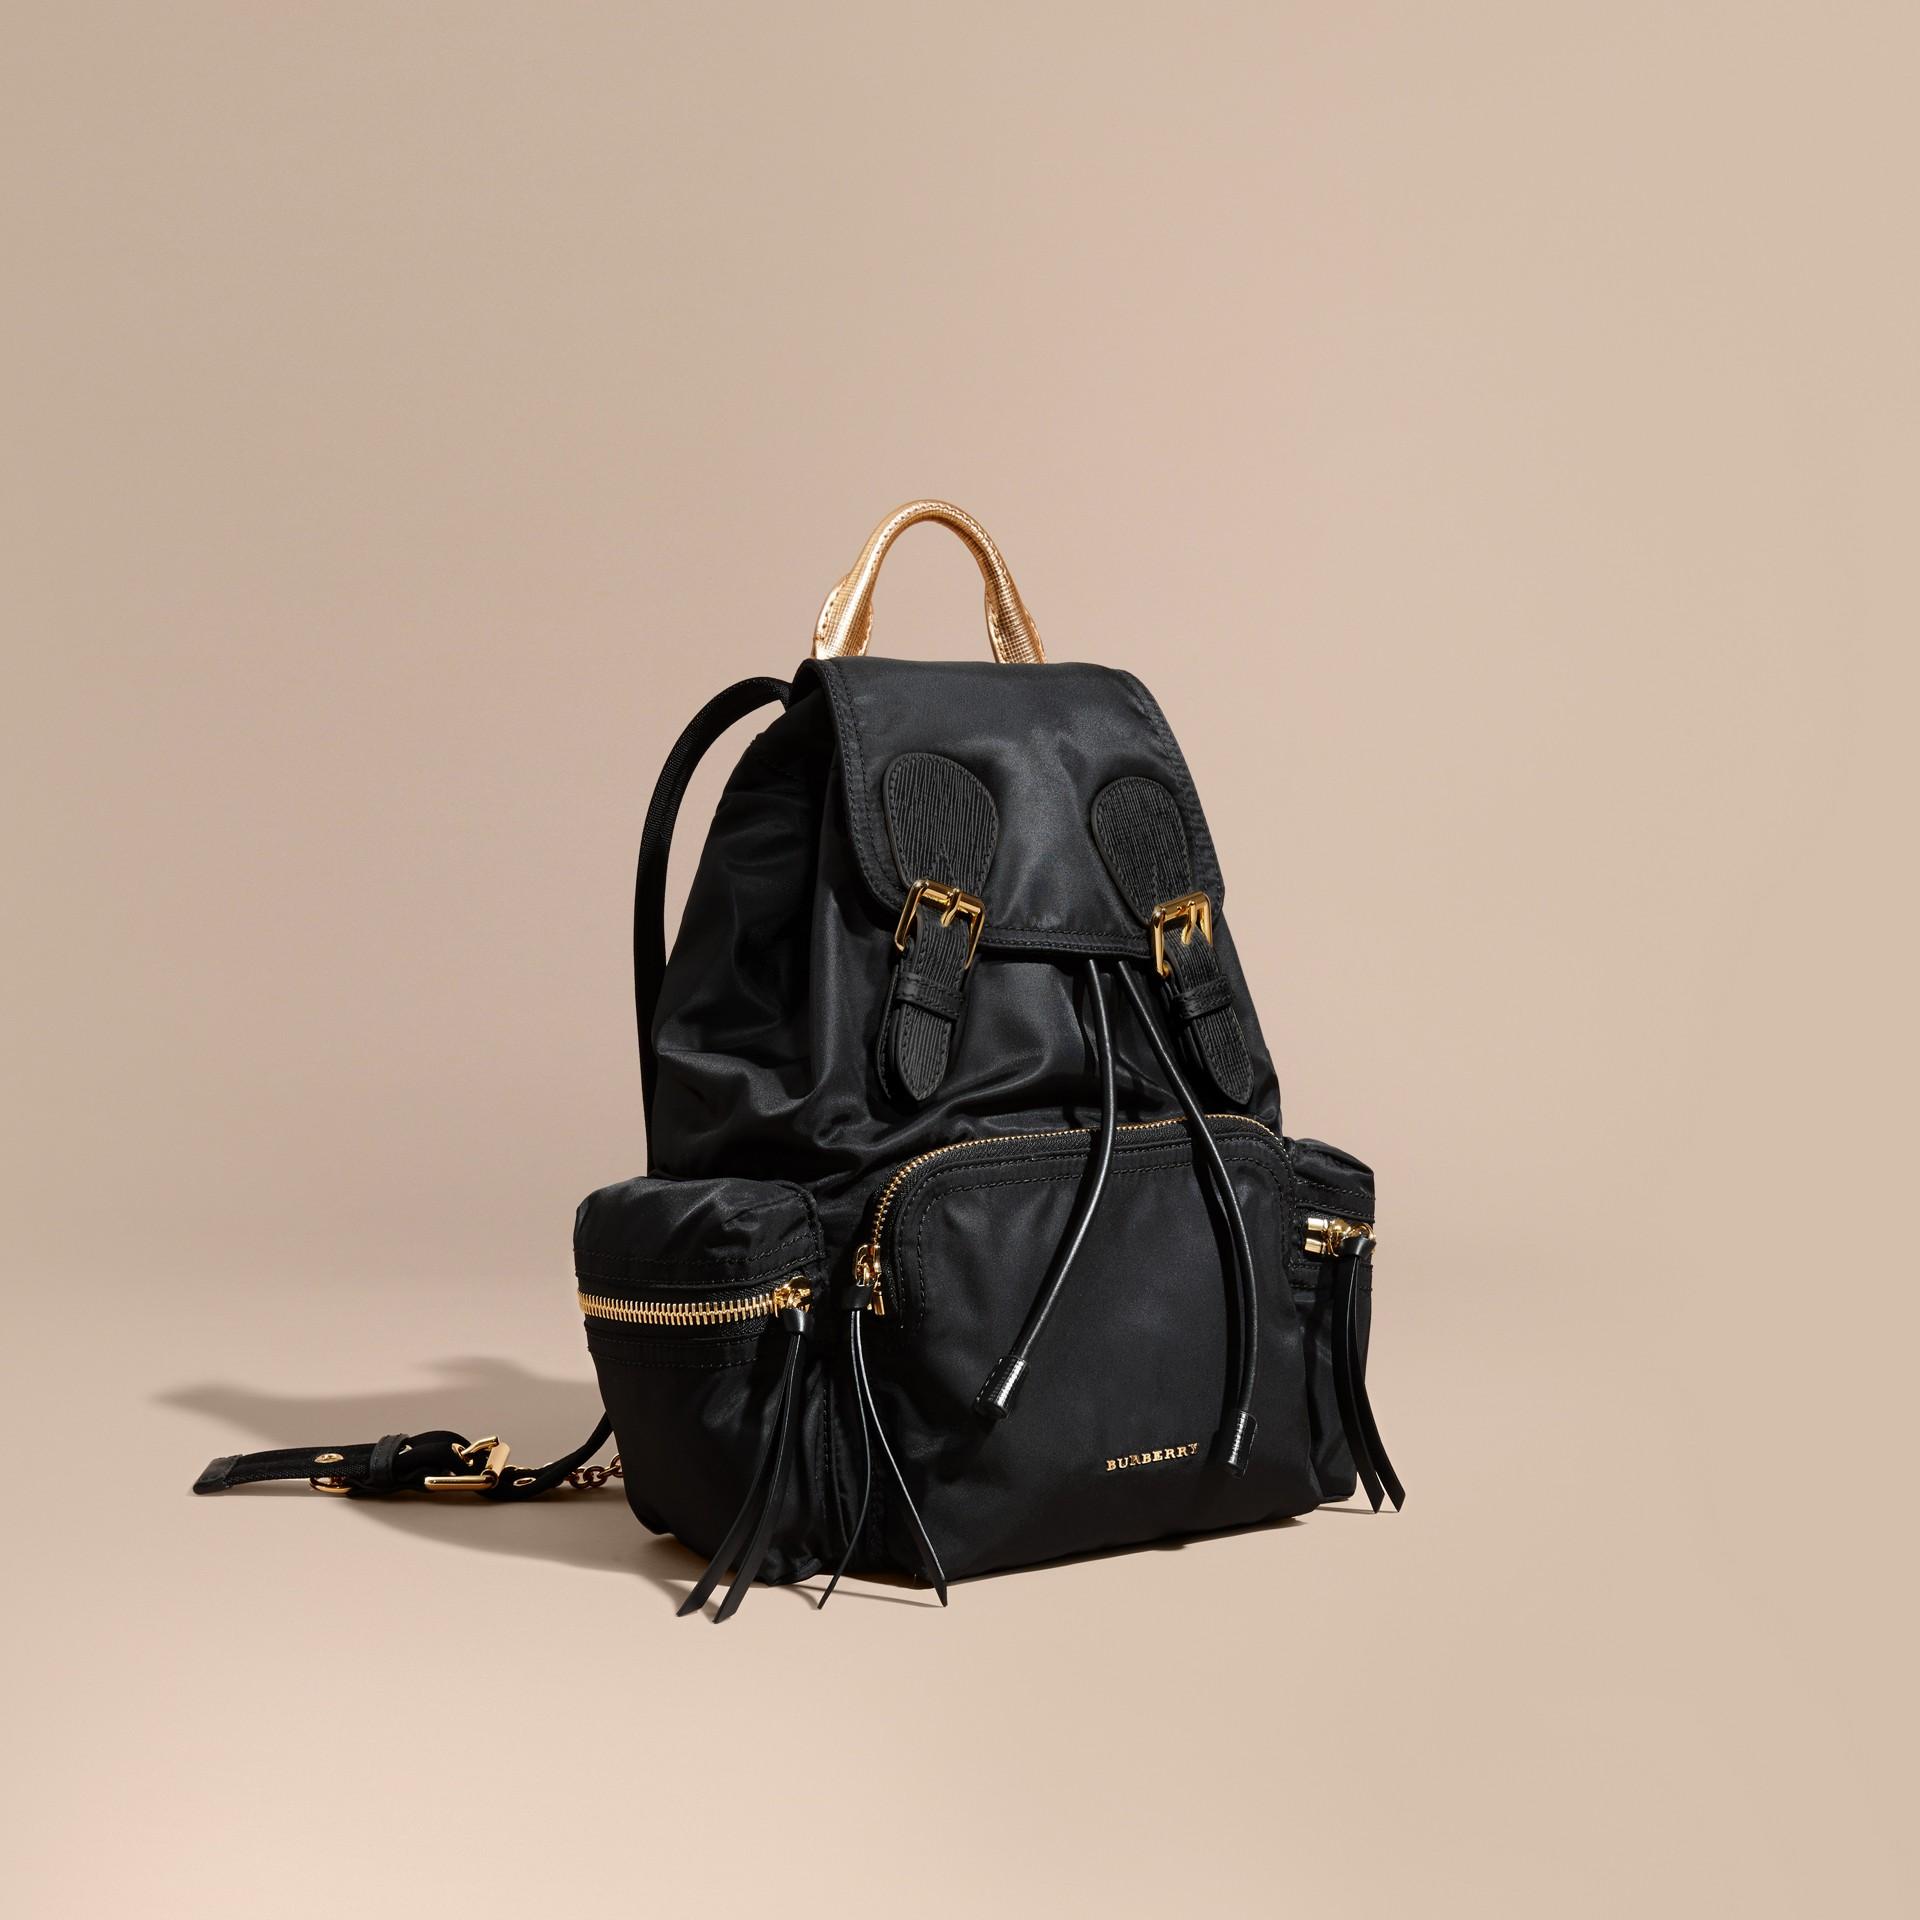 Nero/oro Zaino The Rucksack medio in nylon bicolore e pelle Nero/oro - immagine della galleria 1